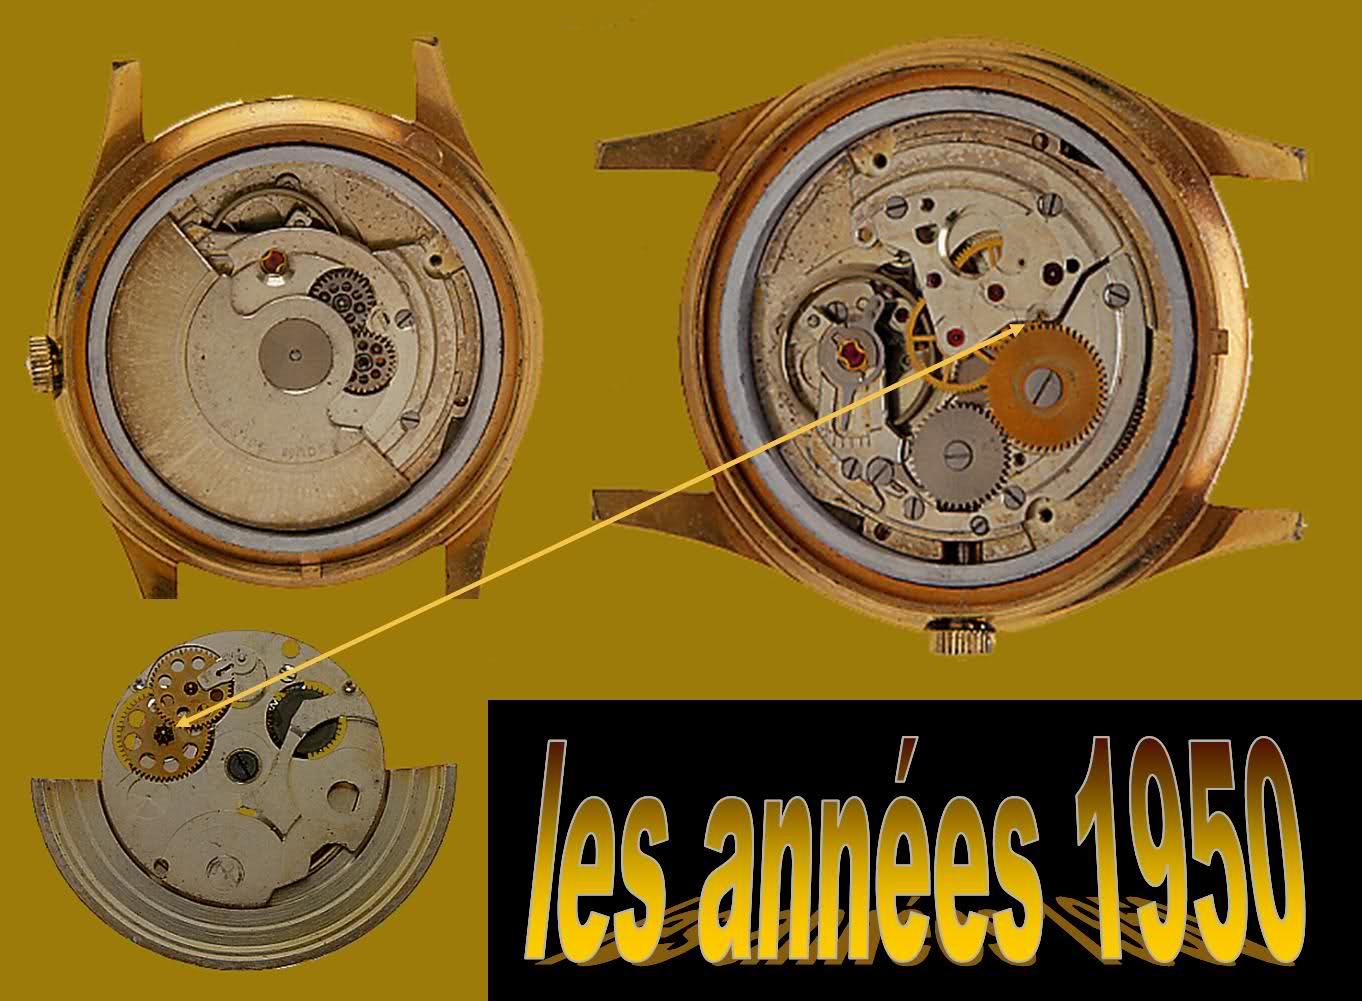 Exclusif ! L'histoire de la montre sur Forumamontres Sbh5qr